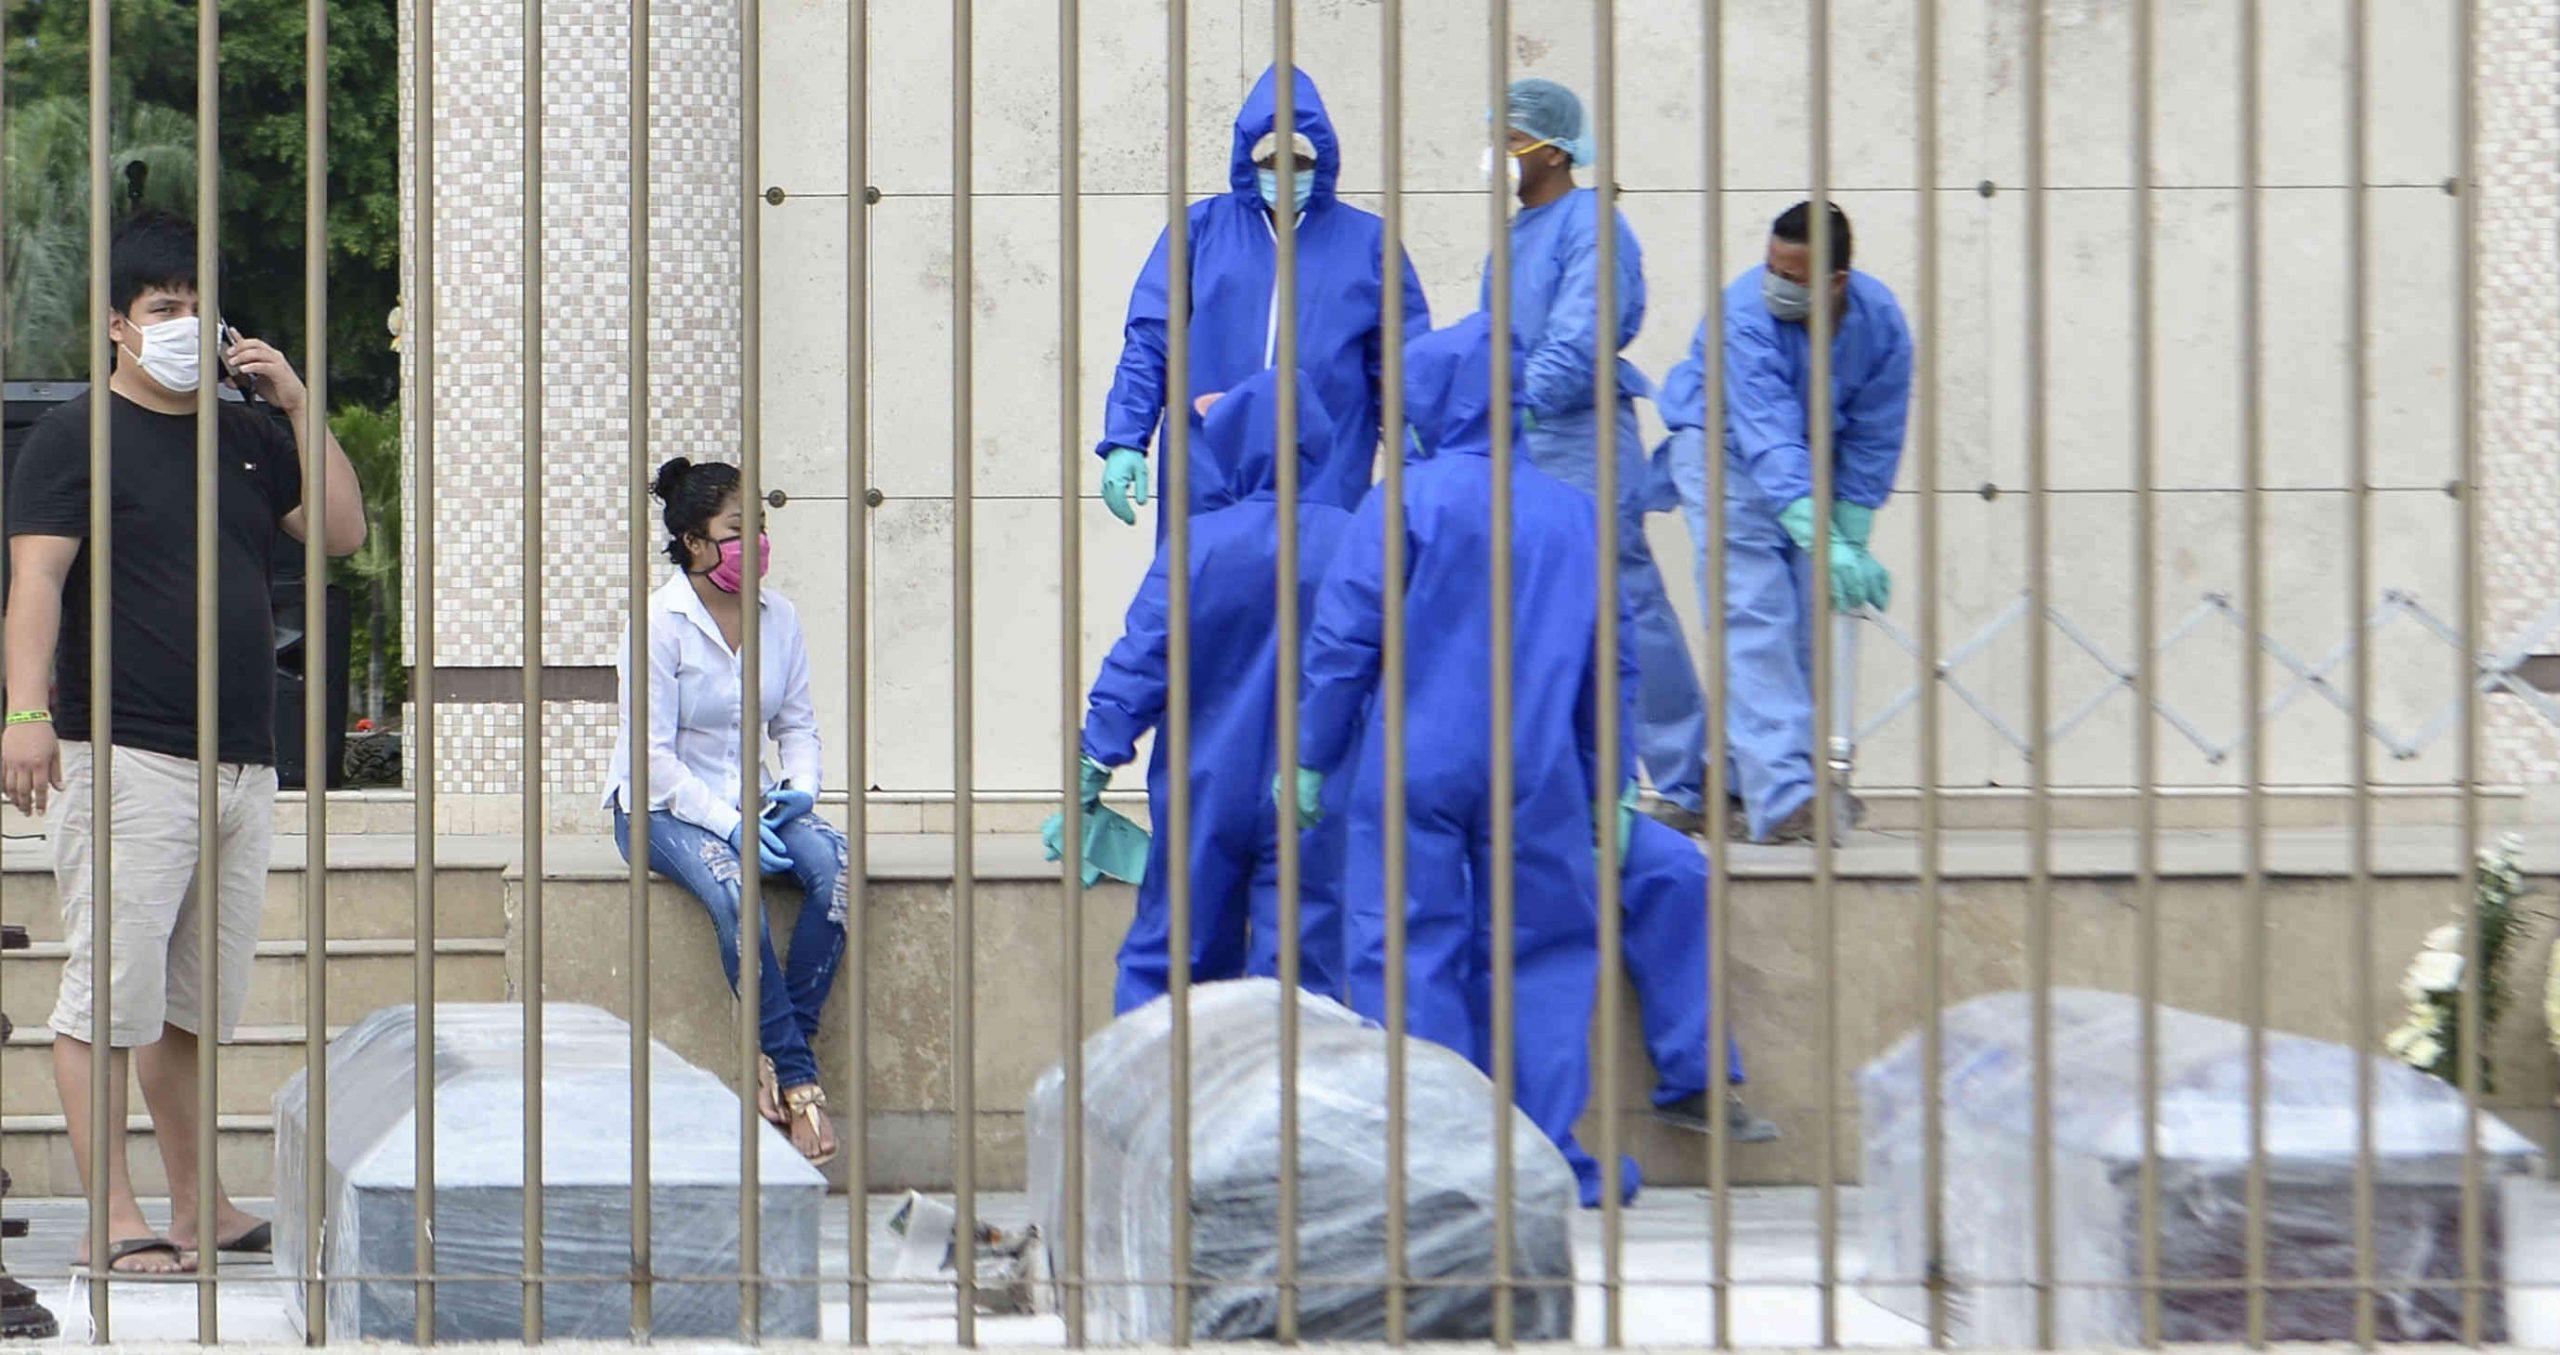 Gobierno panameño planea guardar cadáveres en contenedores ante colapso por Covid-19 Ciudad Panamá. Agencias